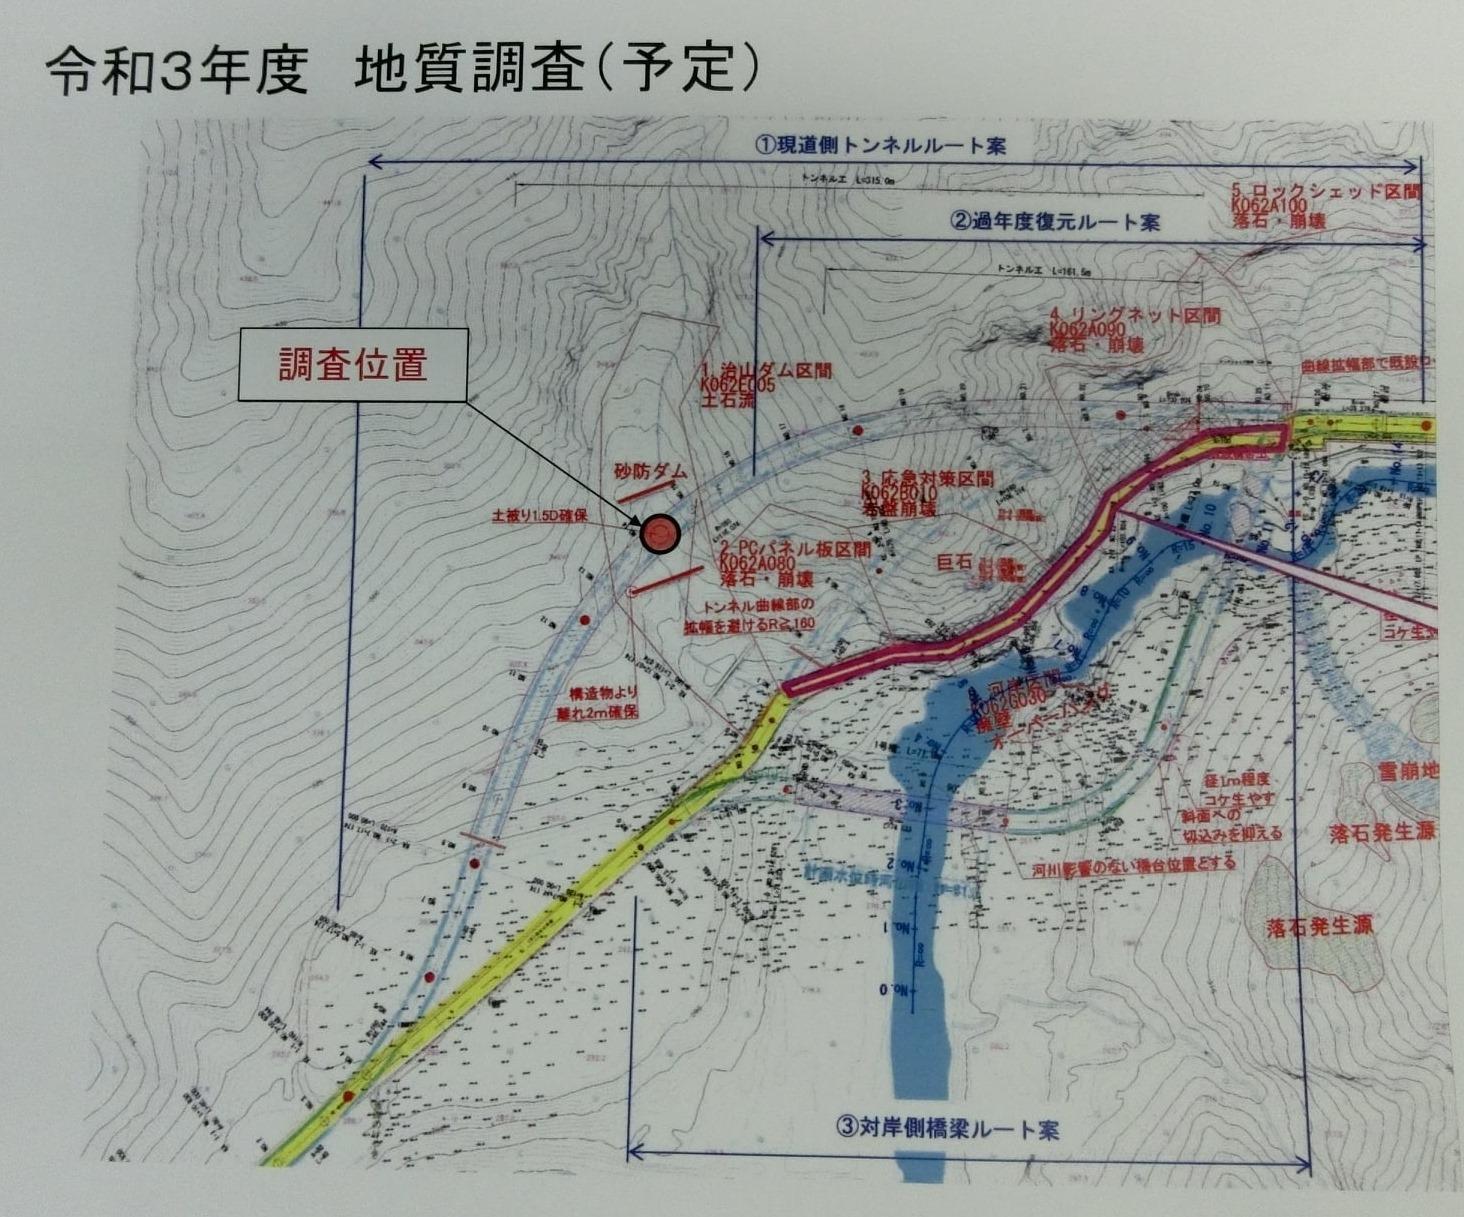 令和3年9月20日 仙台山寺線(秋保町馬場 鷹巣地区)道路防災対策の状況調査に出向きました。